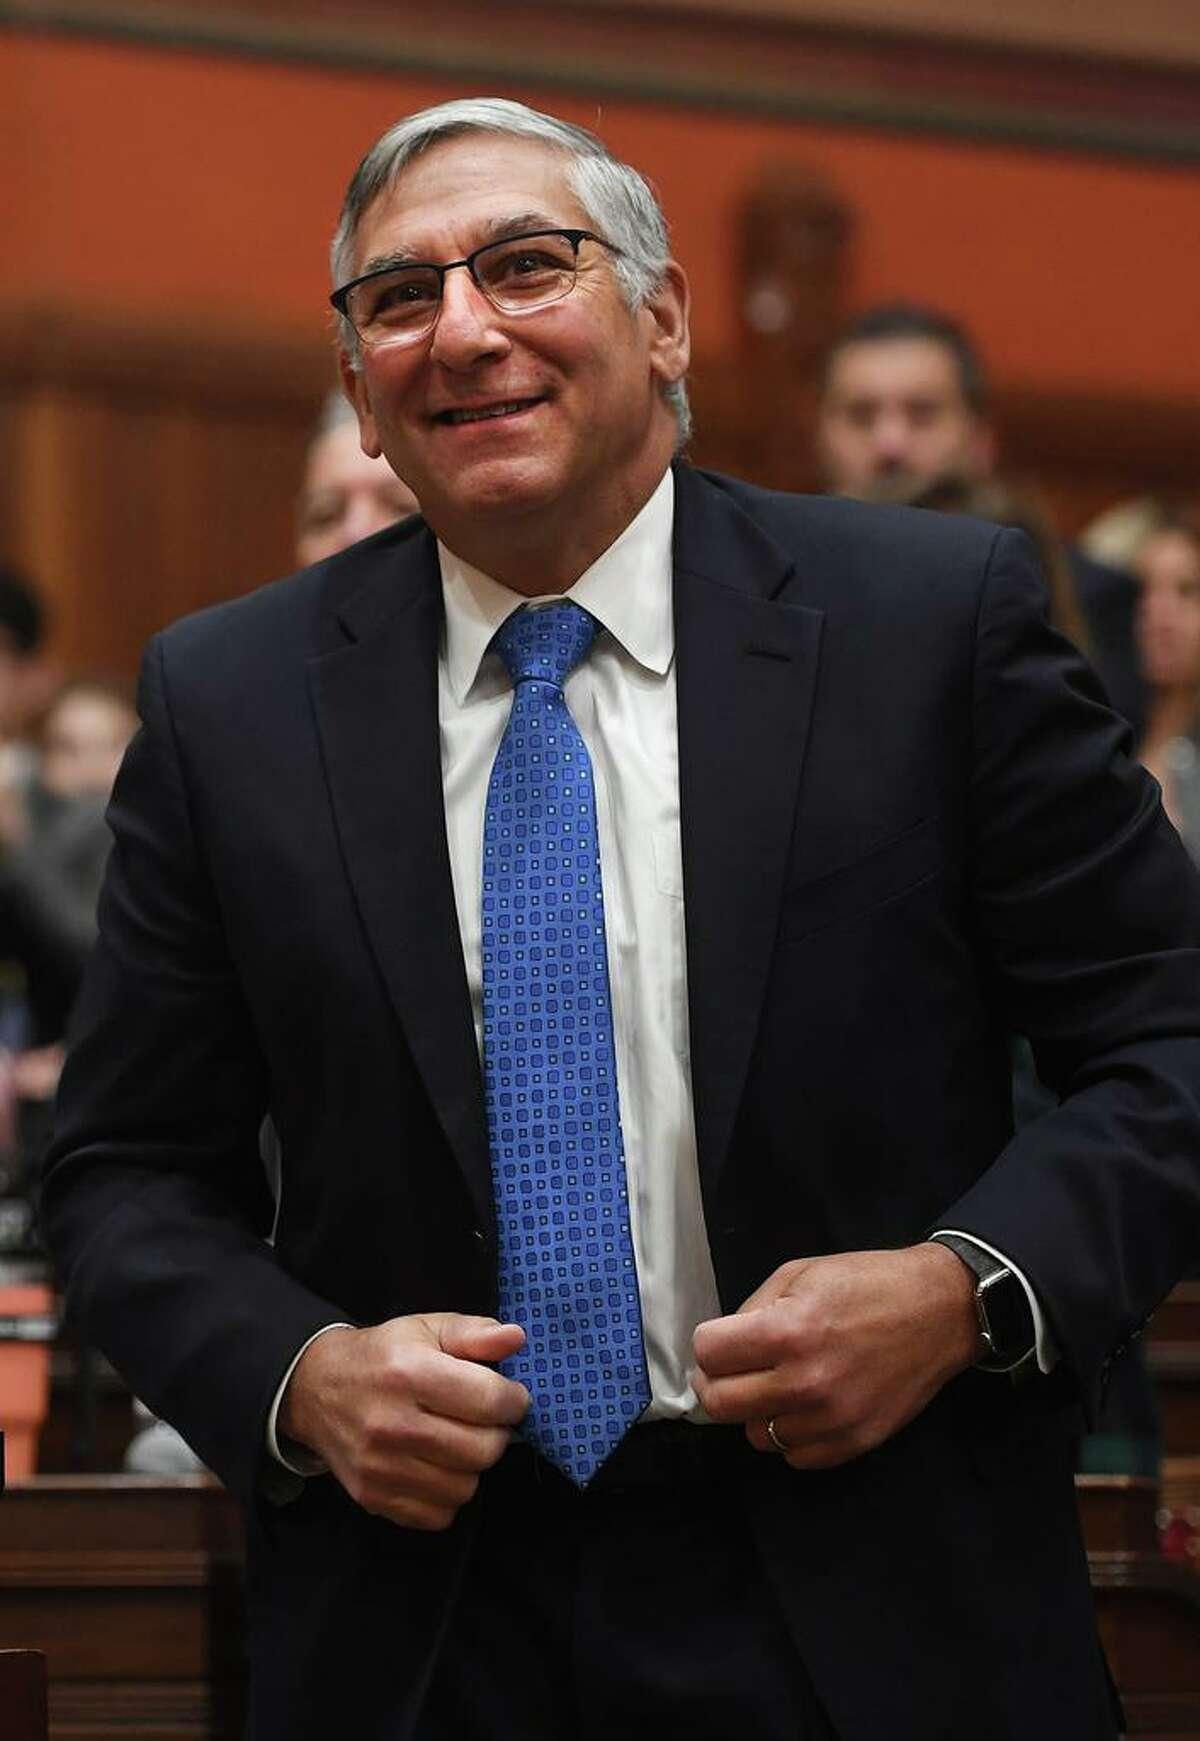 Senate Minority Leader Len Fasano, R-North Haven, at the state legislature in Hartford, Conn., Feb. 5, 2020.